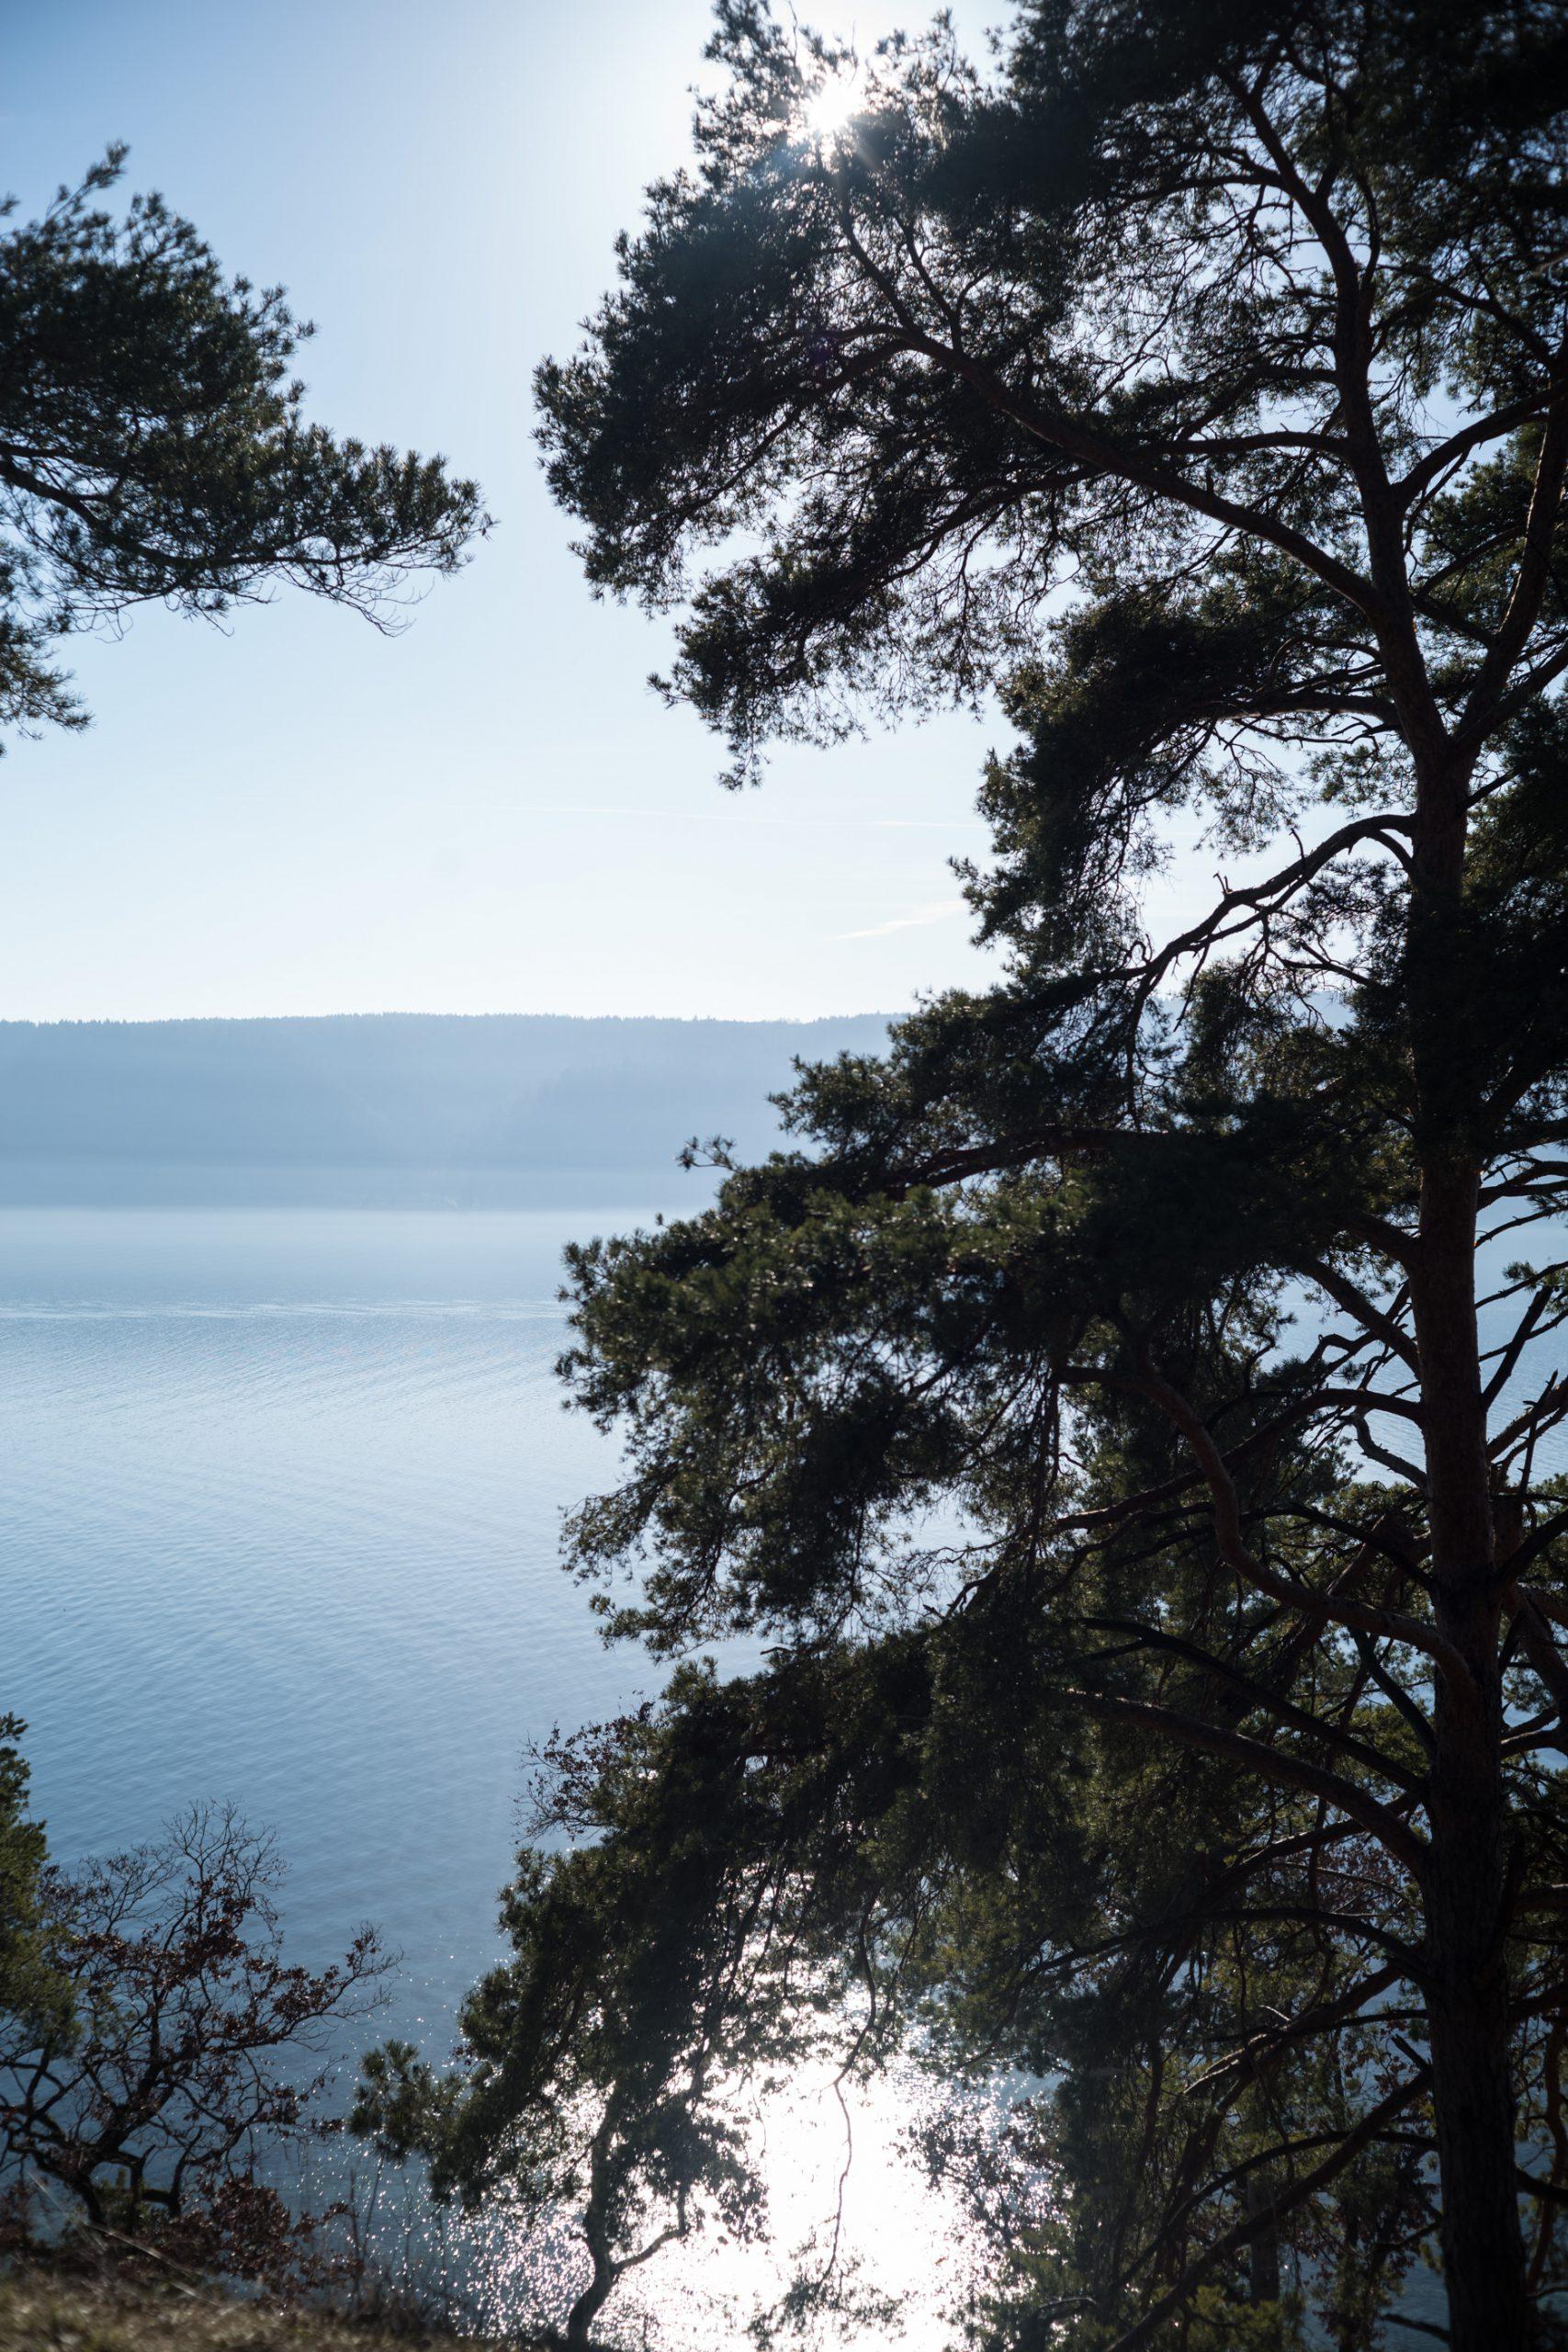 Nein, das ist nicht am Mittelmeer, sondern am Bodensee. Aber hier geht es um das Gegenlicht. Hier schlägt sich das M-Rokkor 40 wacker. Minolta M-Rokkor 40/2 an Leica M10, leichte Korrekturen in Lightroom